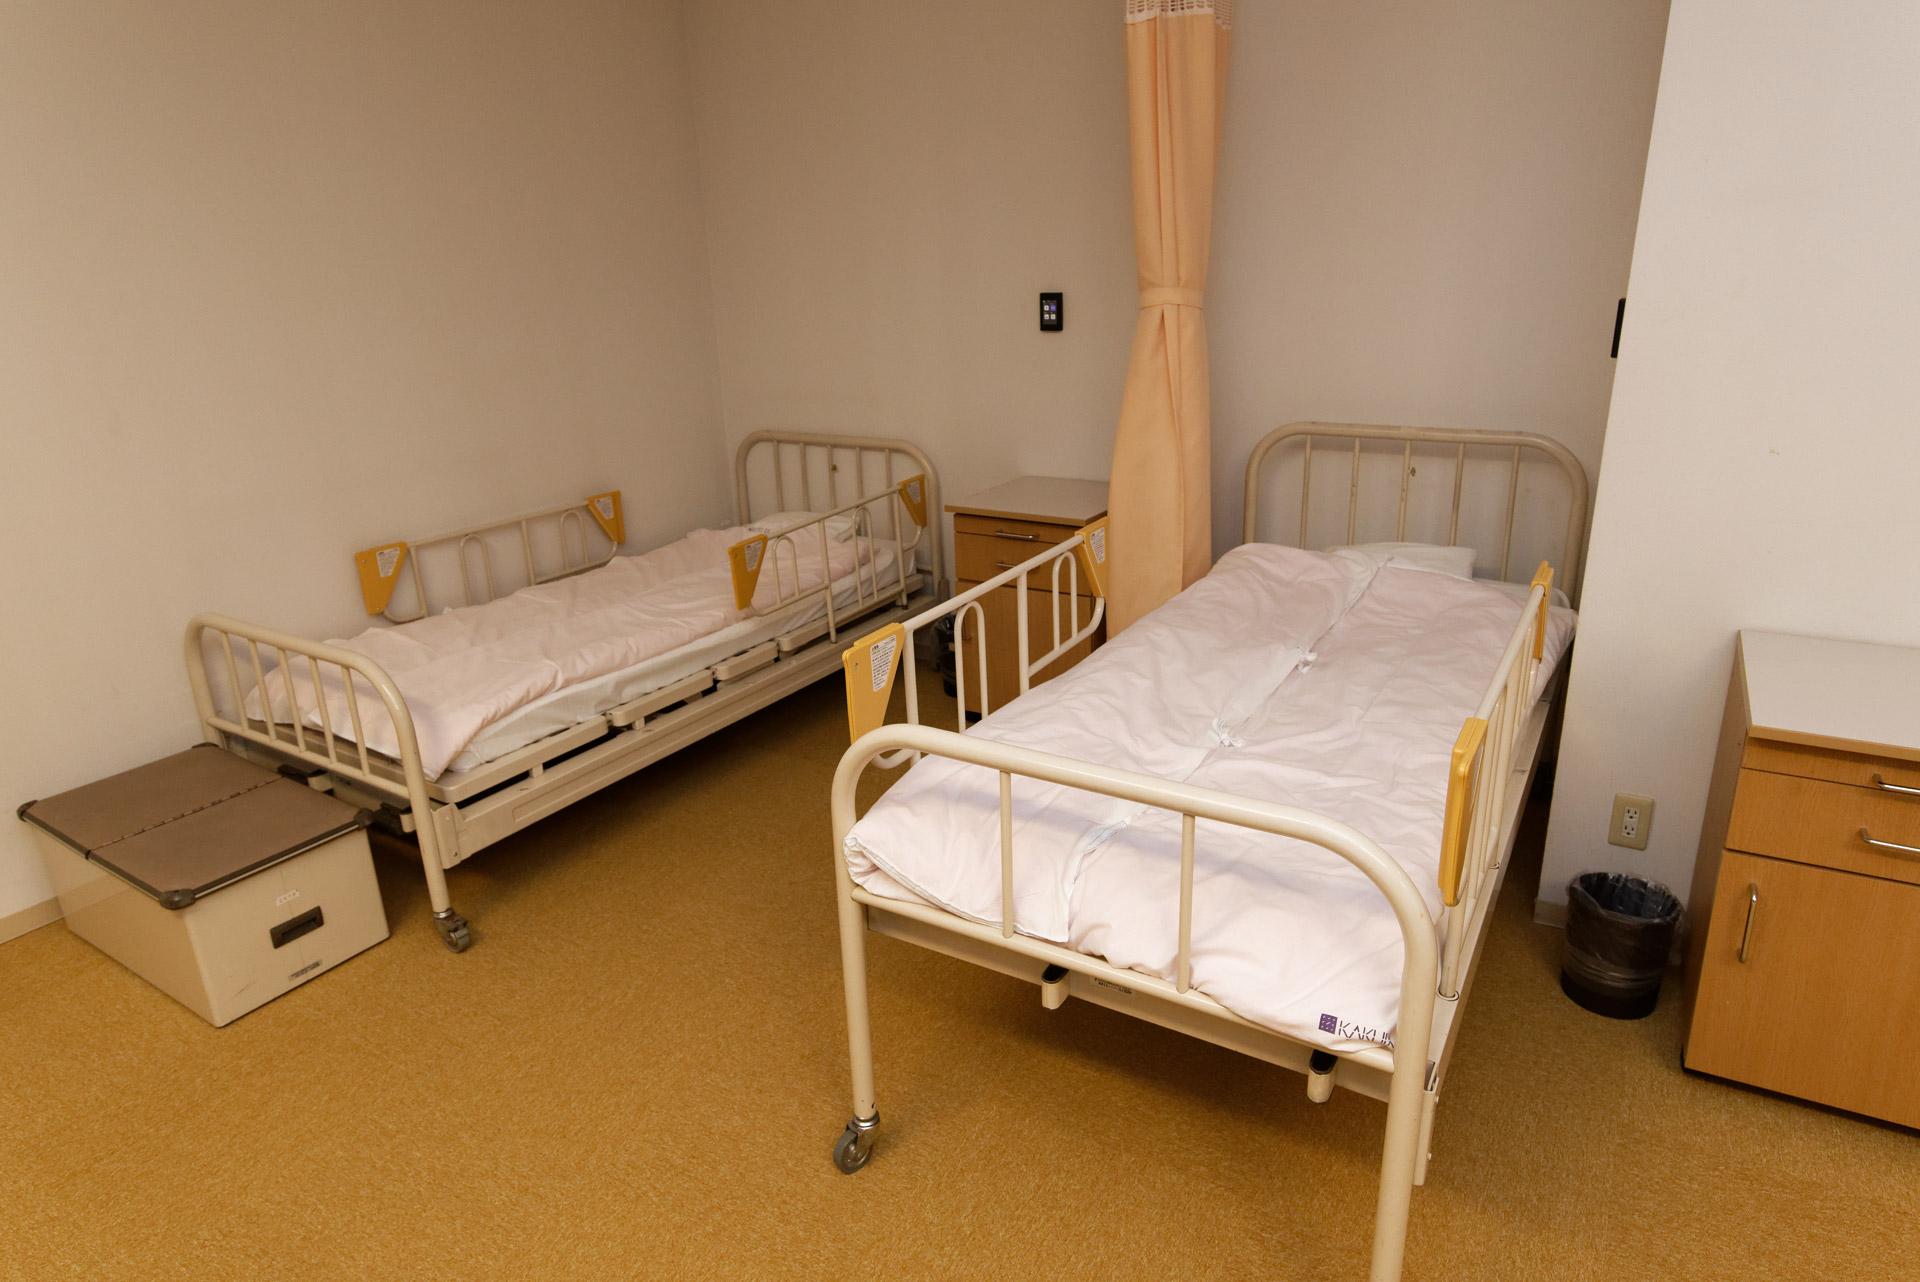 各ベッドのすぐそばに、HA化された照明などを操作するスイッチが設けられている